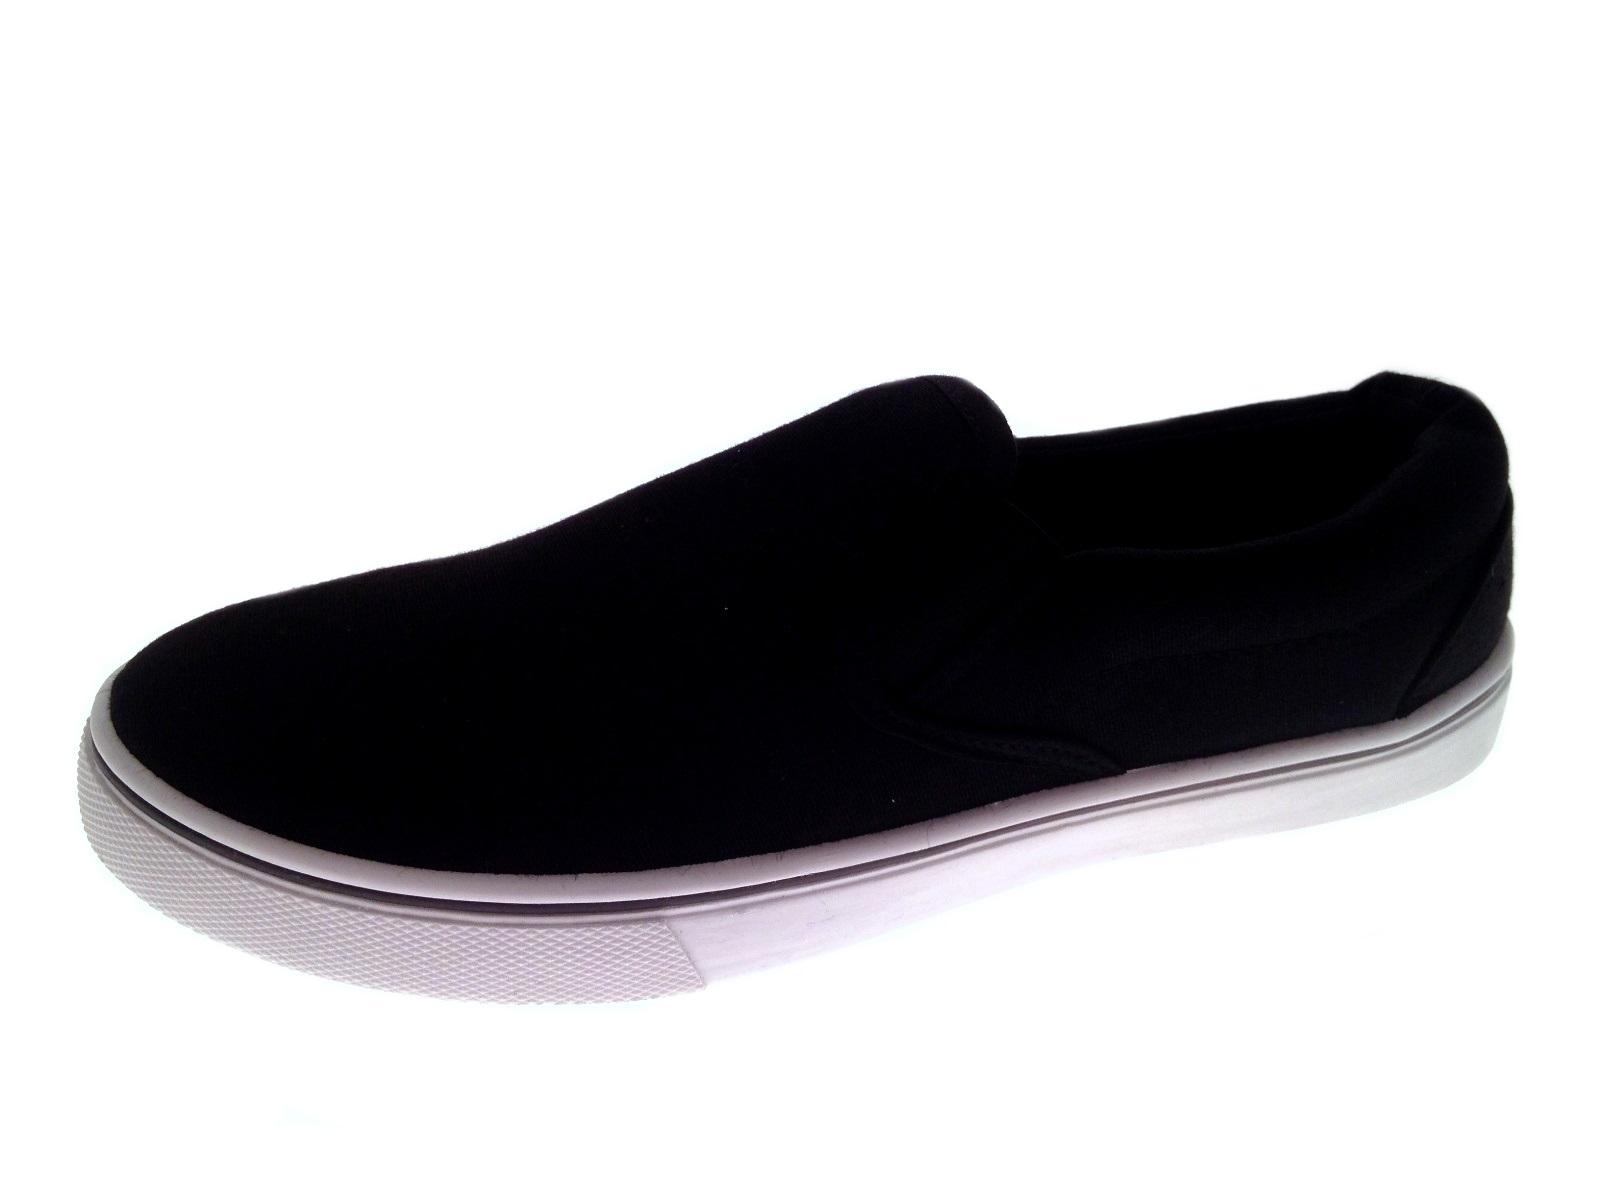 Mens Canvas Pumps Plimsoles Plimsolls Trainers Espadrilles Shoes Boys Size 7-12 | EBay